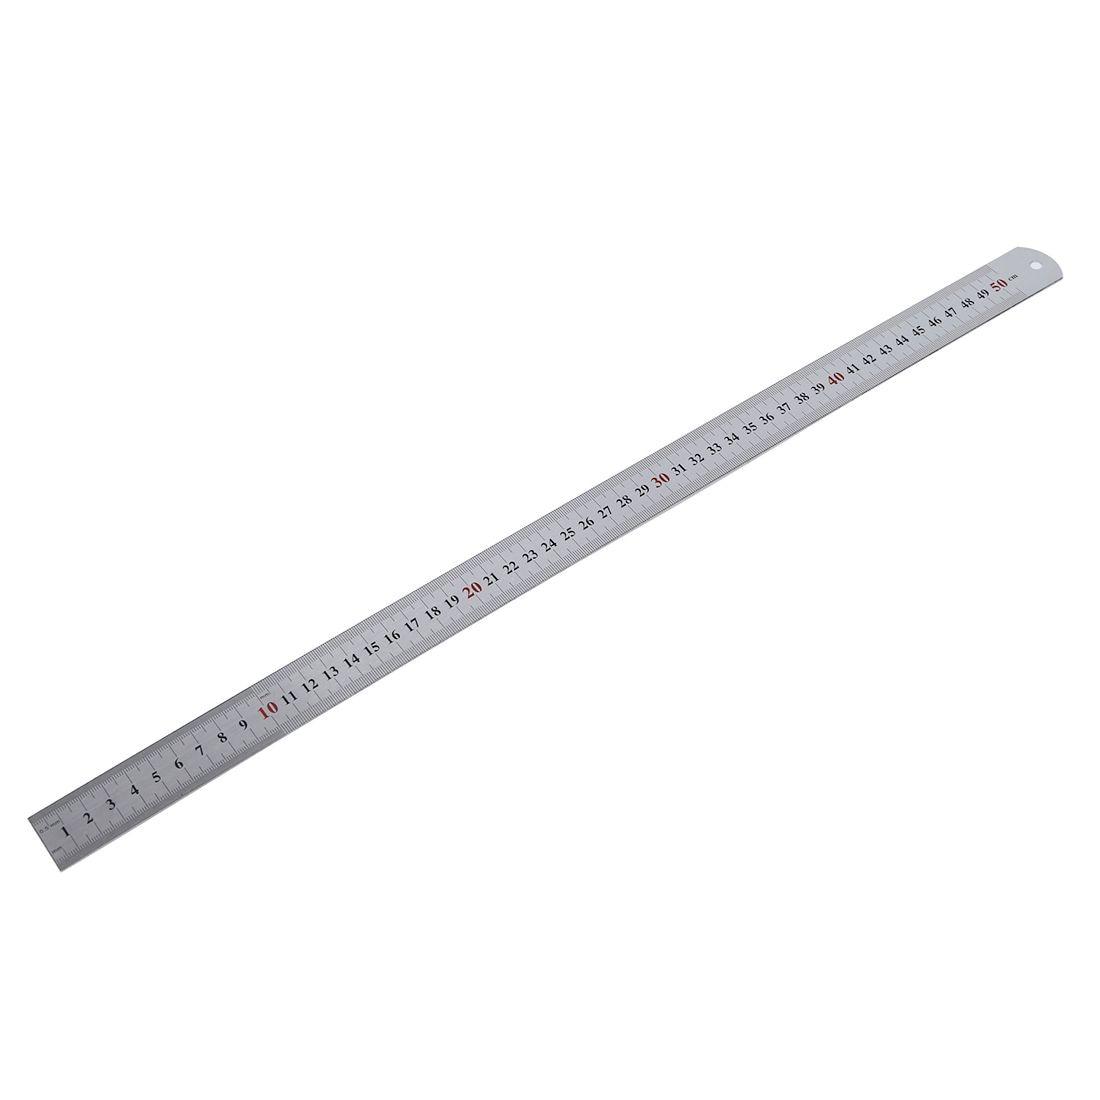 50cm Long Measuring Straight Ruler Drawing Tool Metal Rulers